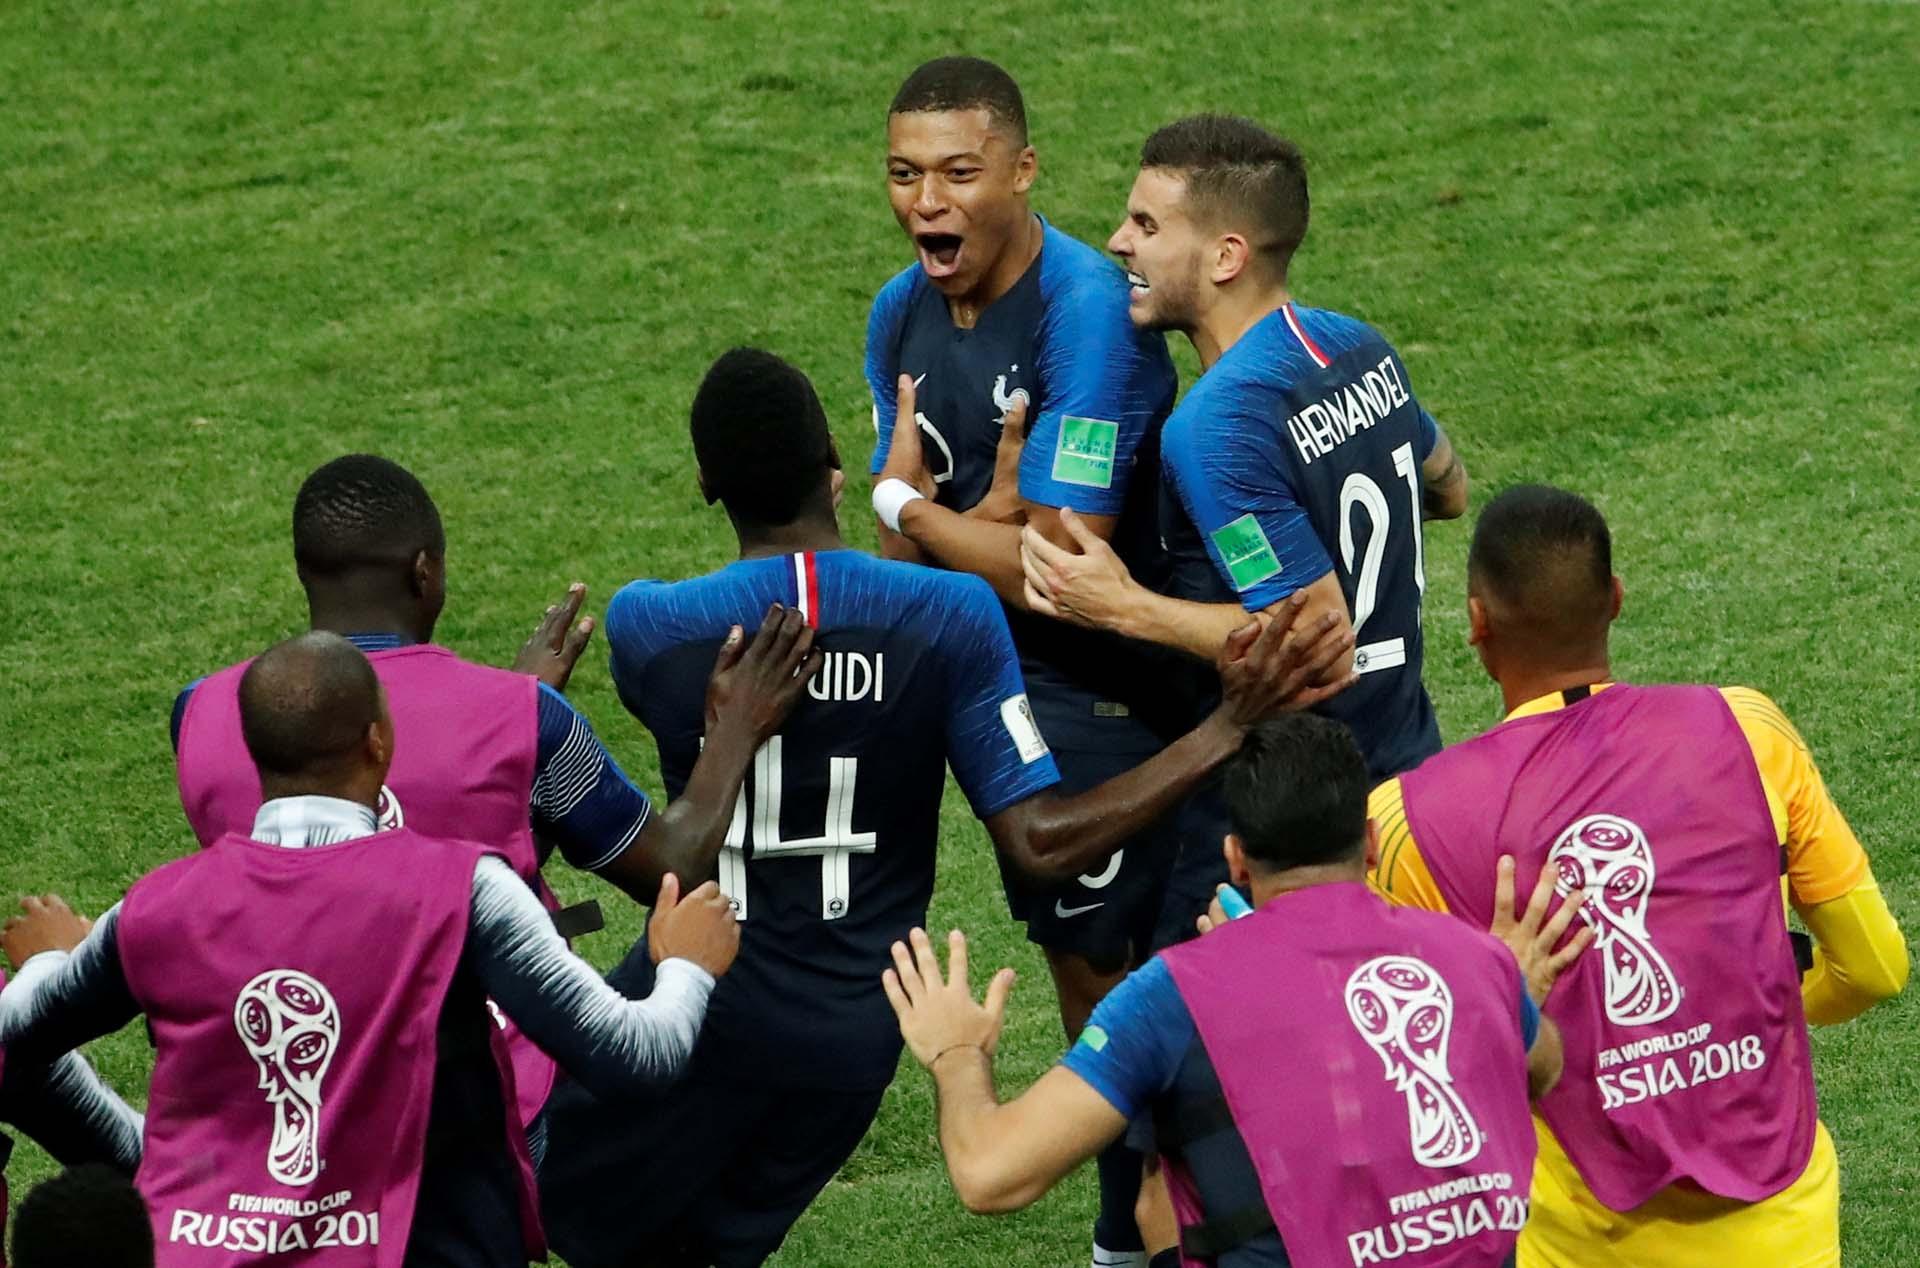 Mabppé festeja su gol, el cuarto